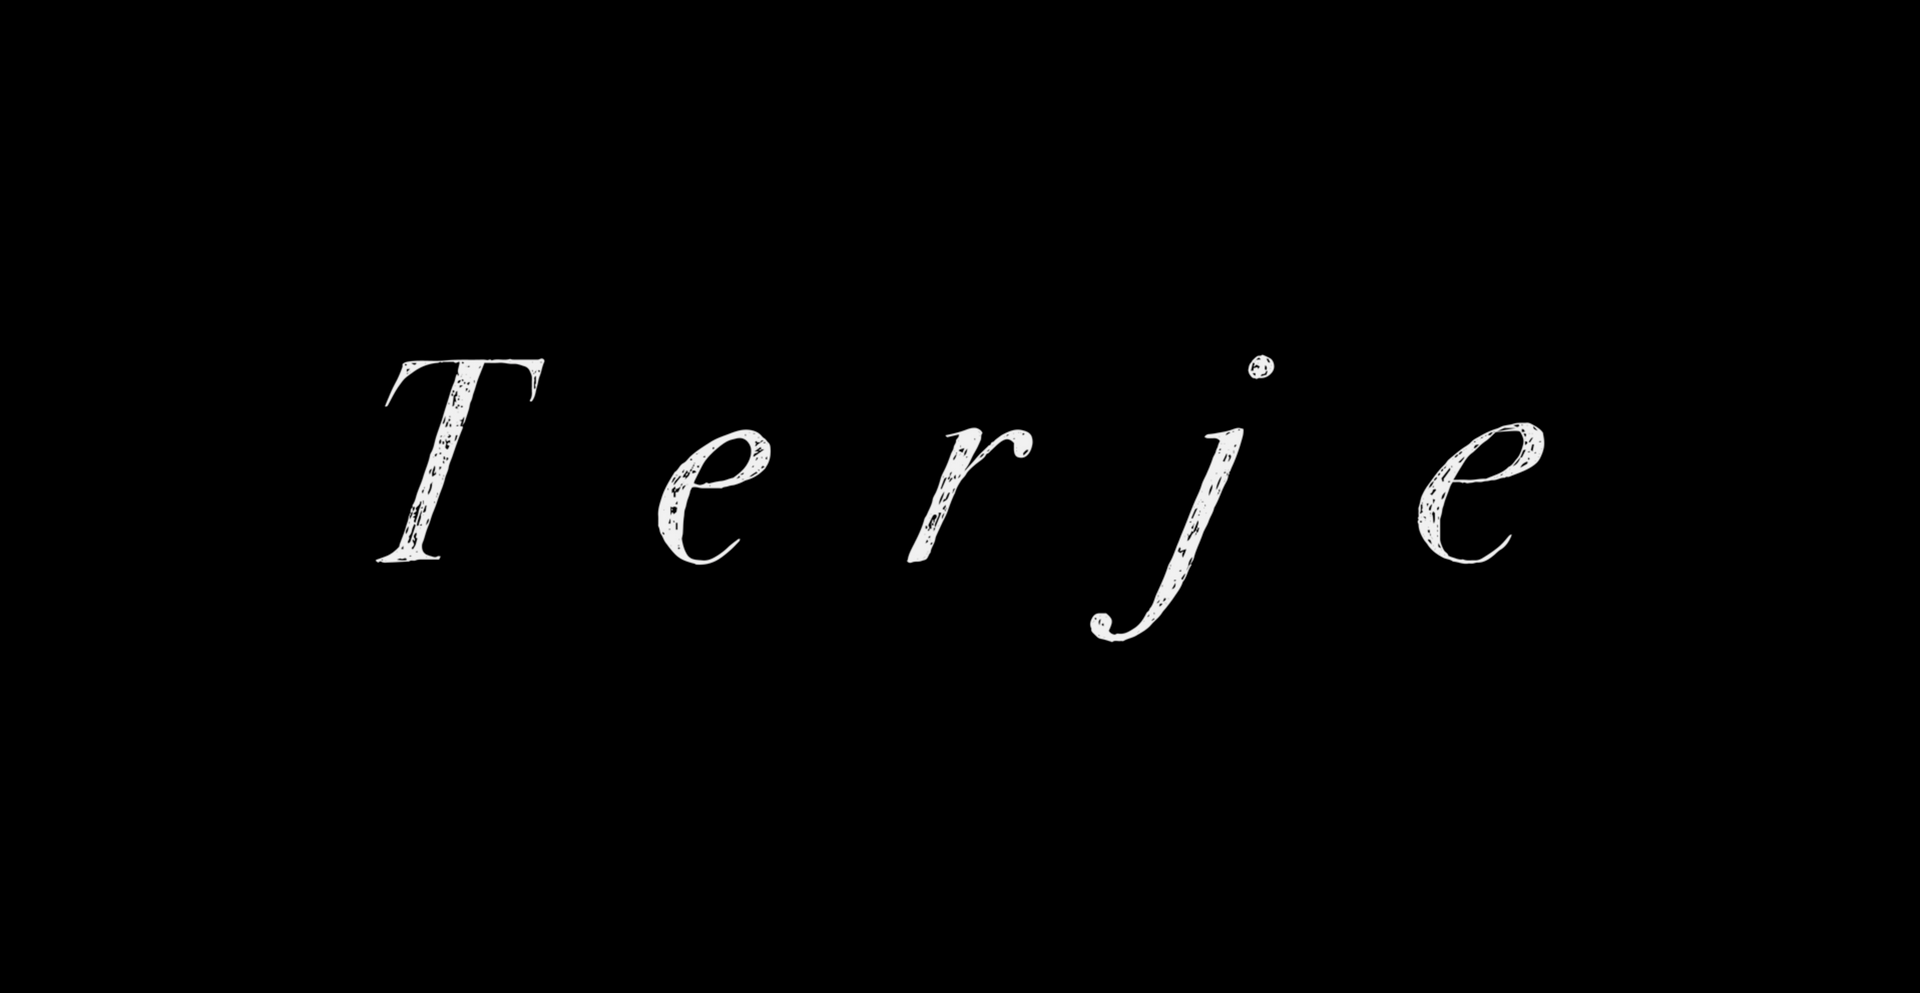 Terje (premiere fall 2020)